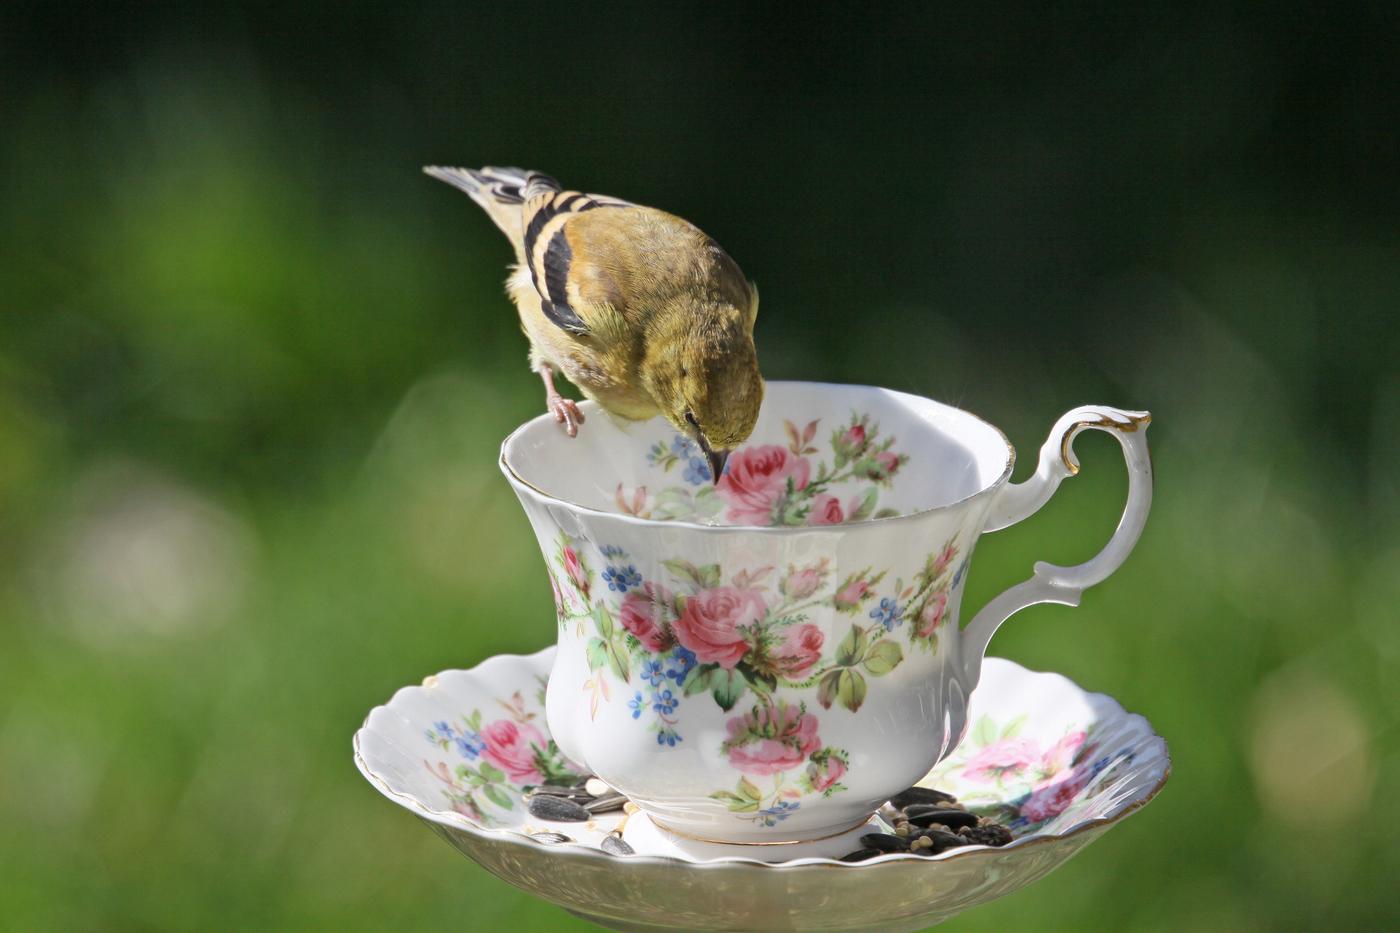 Goldfinch #3